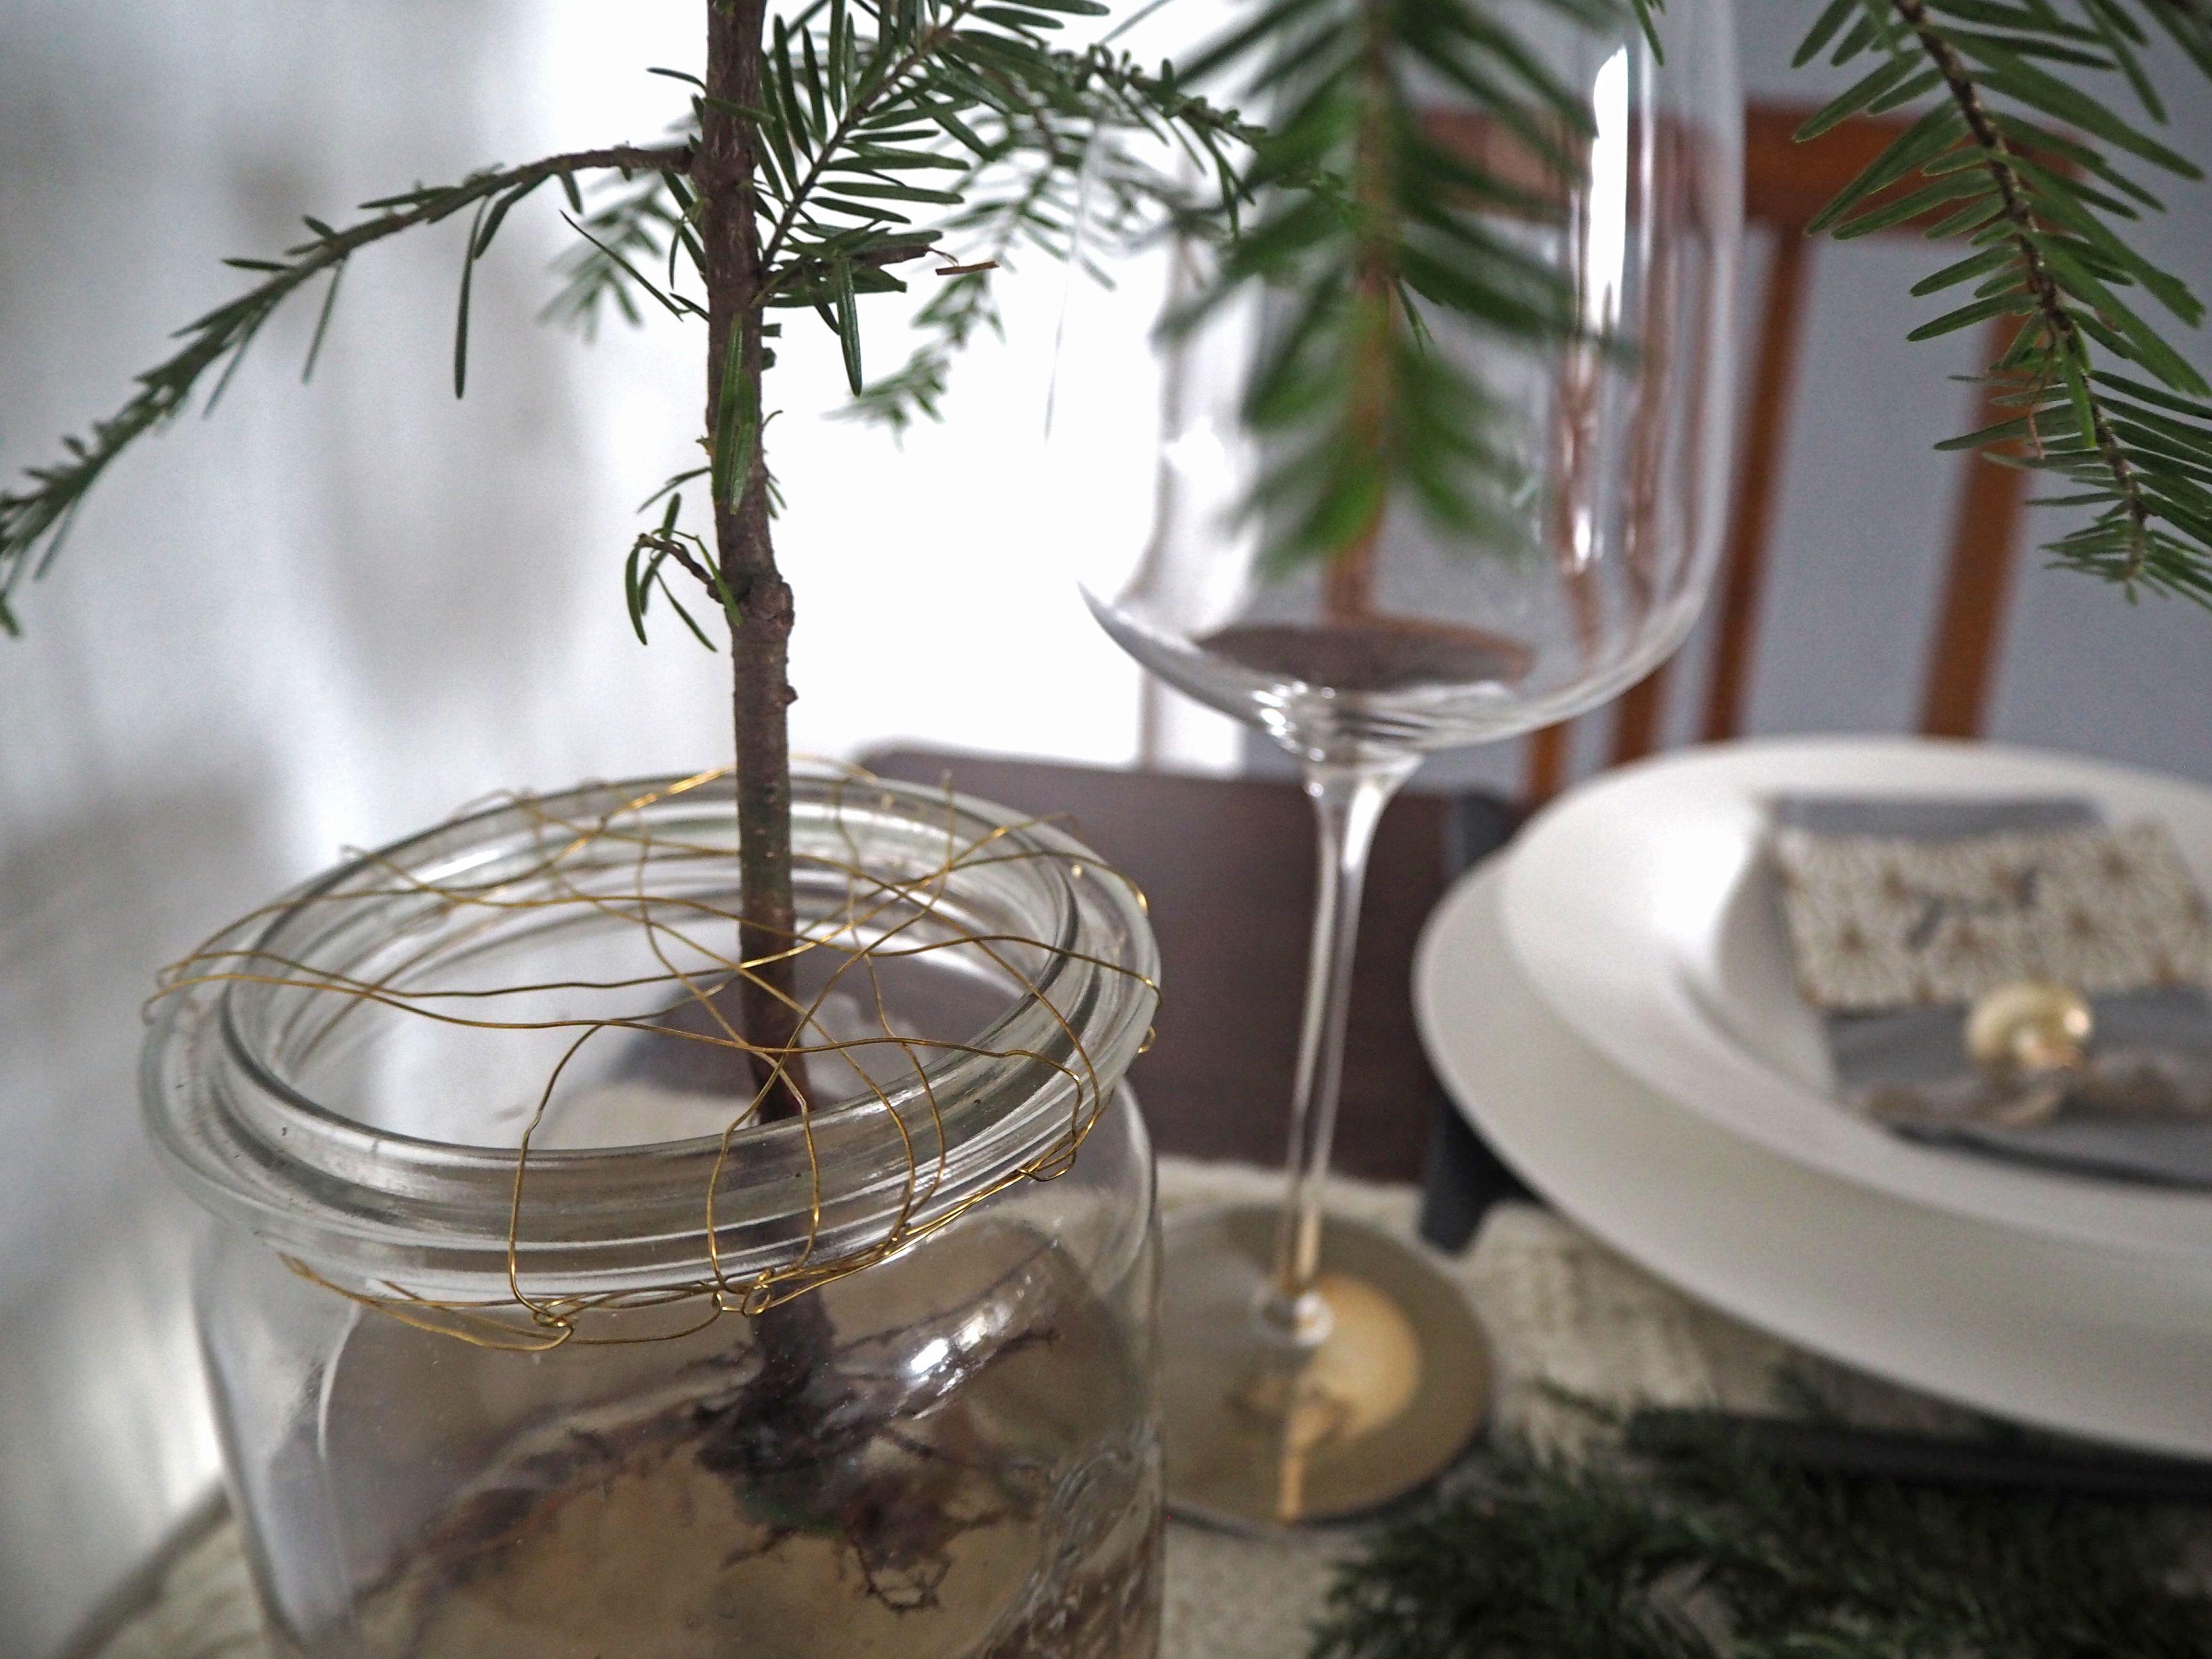 2018-skoen-och-kreativ-interior-tischdeko-festliche-tischdekoration-im-skandi-stil-weihnachten-god-jul-tabledecor (17)